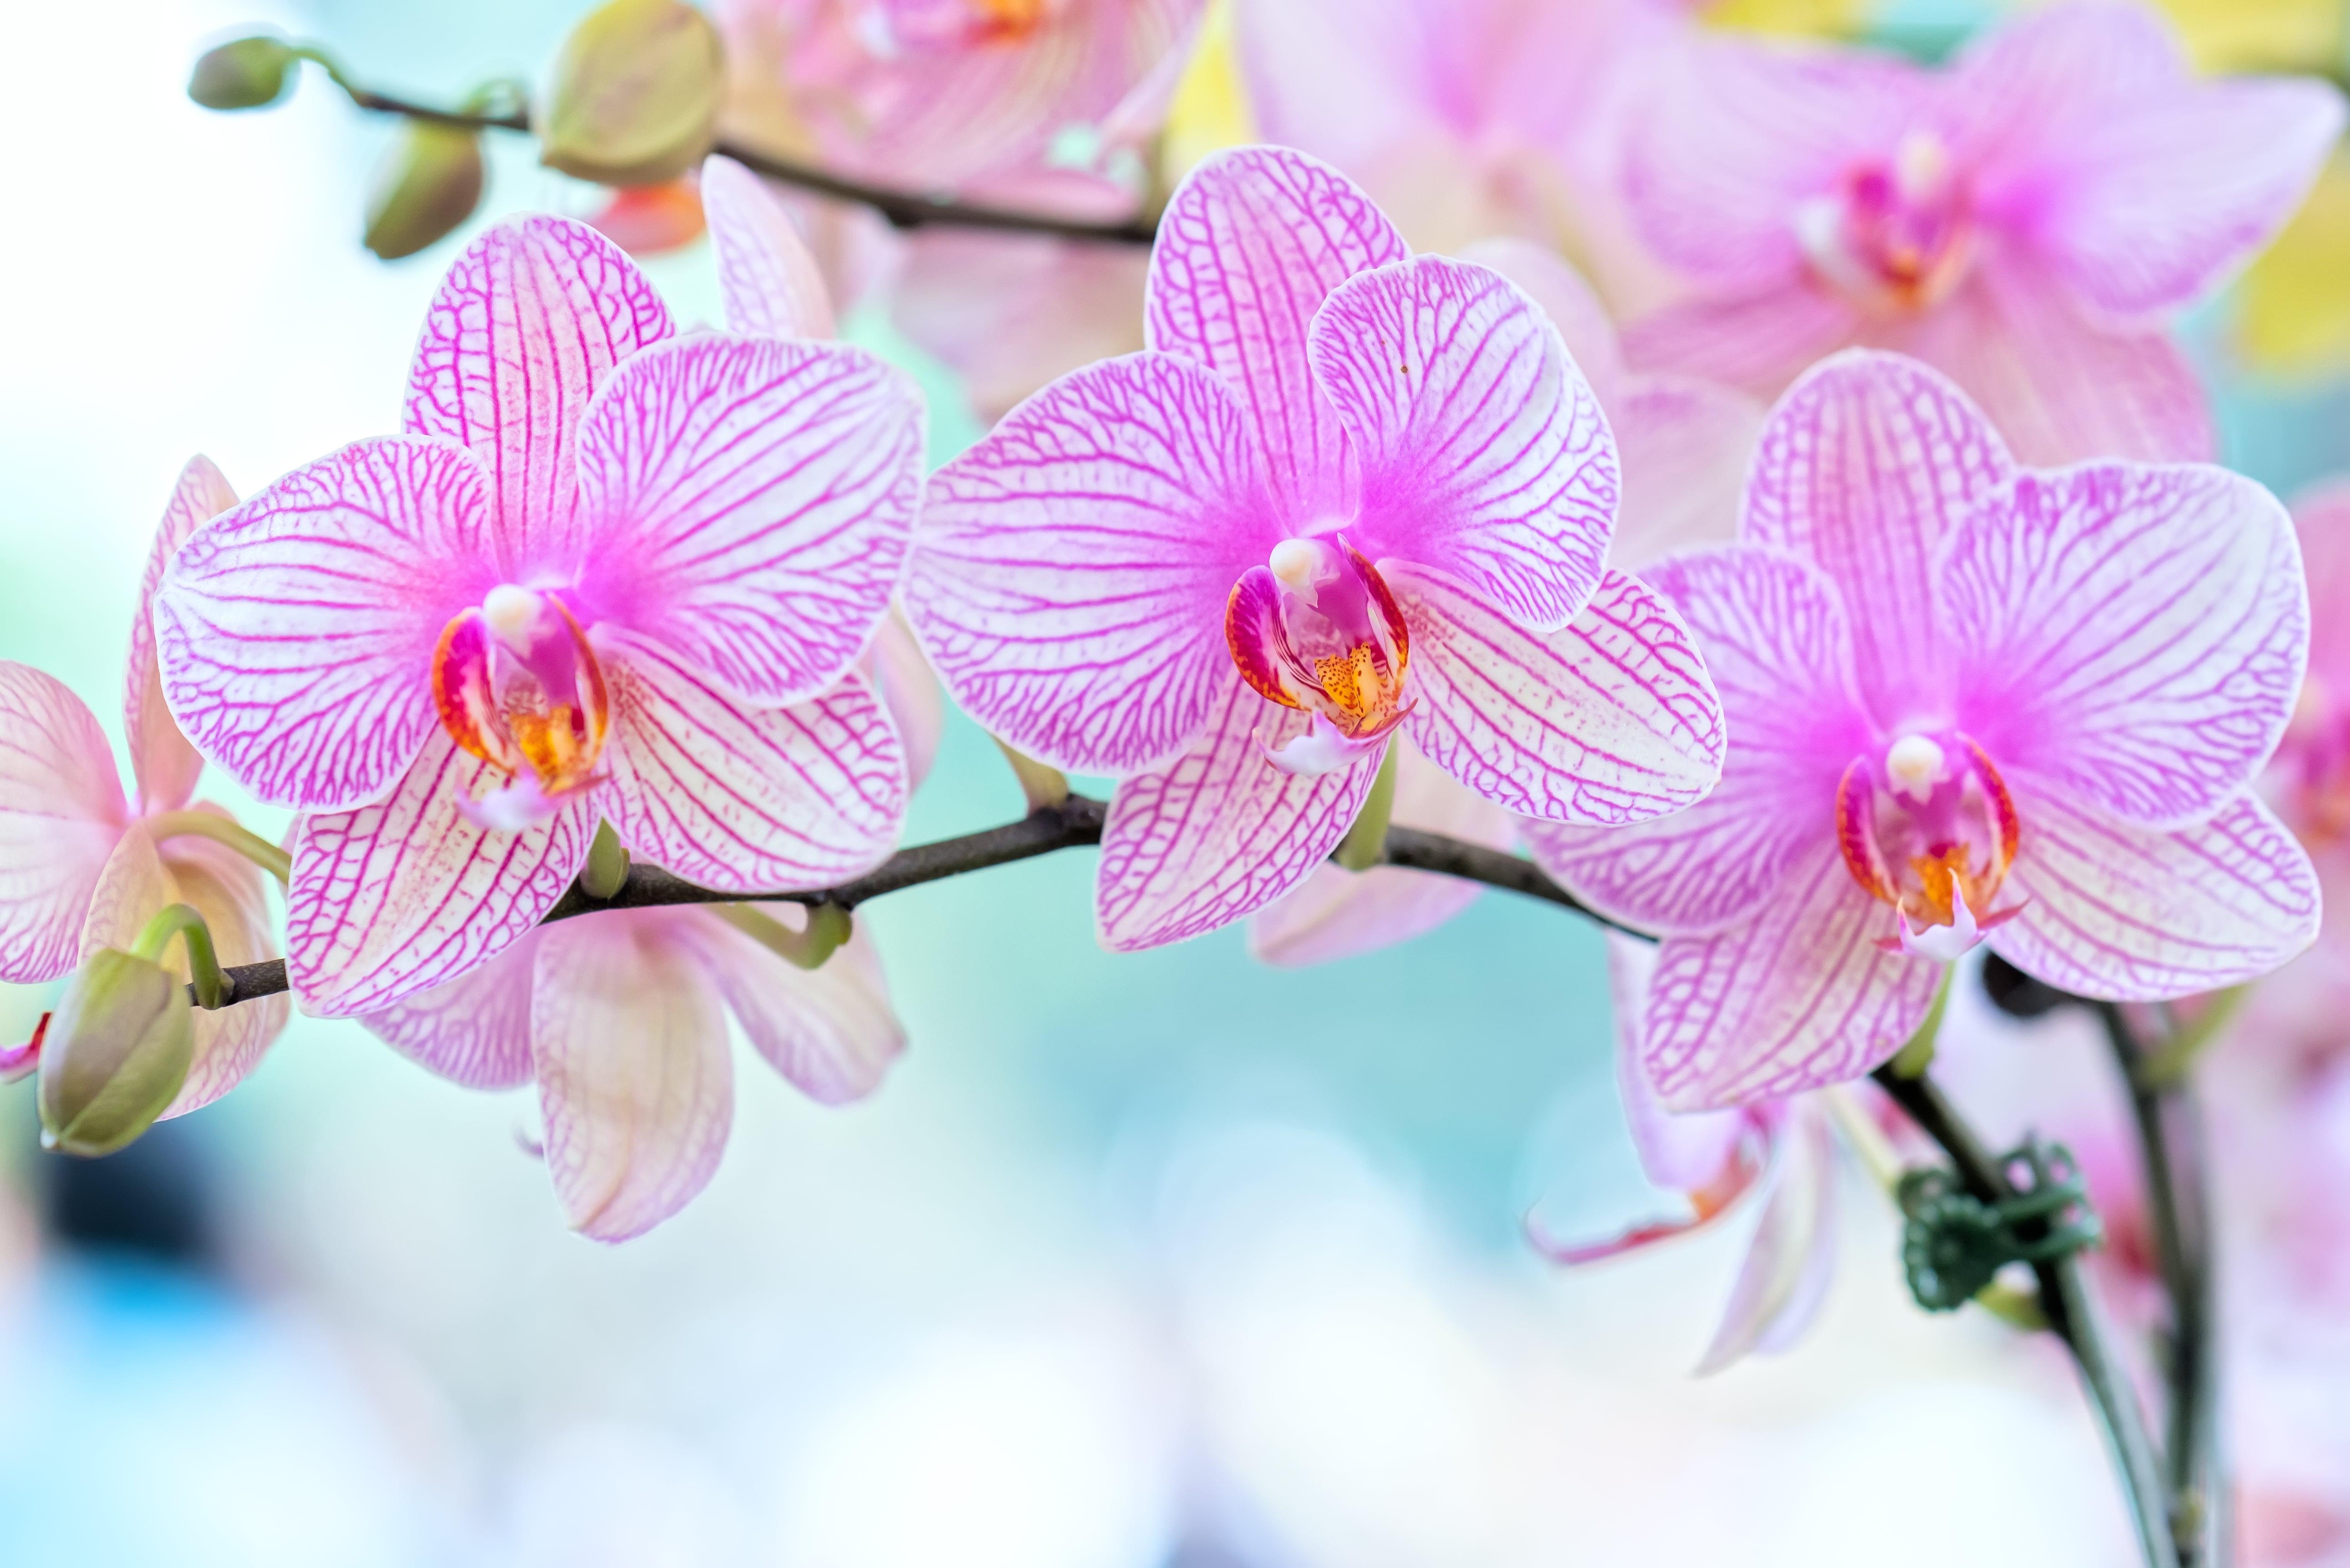 薄いピンクの胡蝶蘭